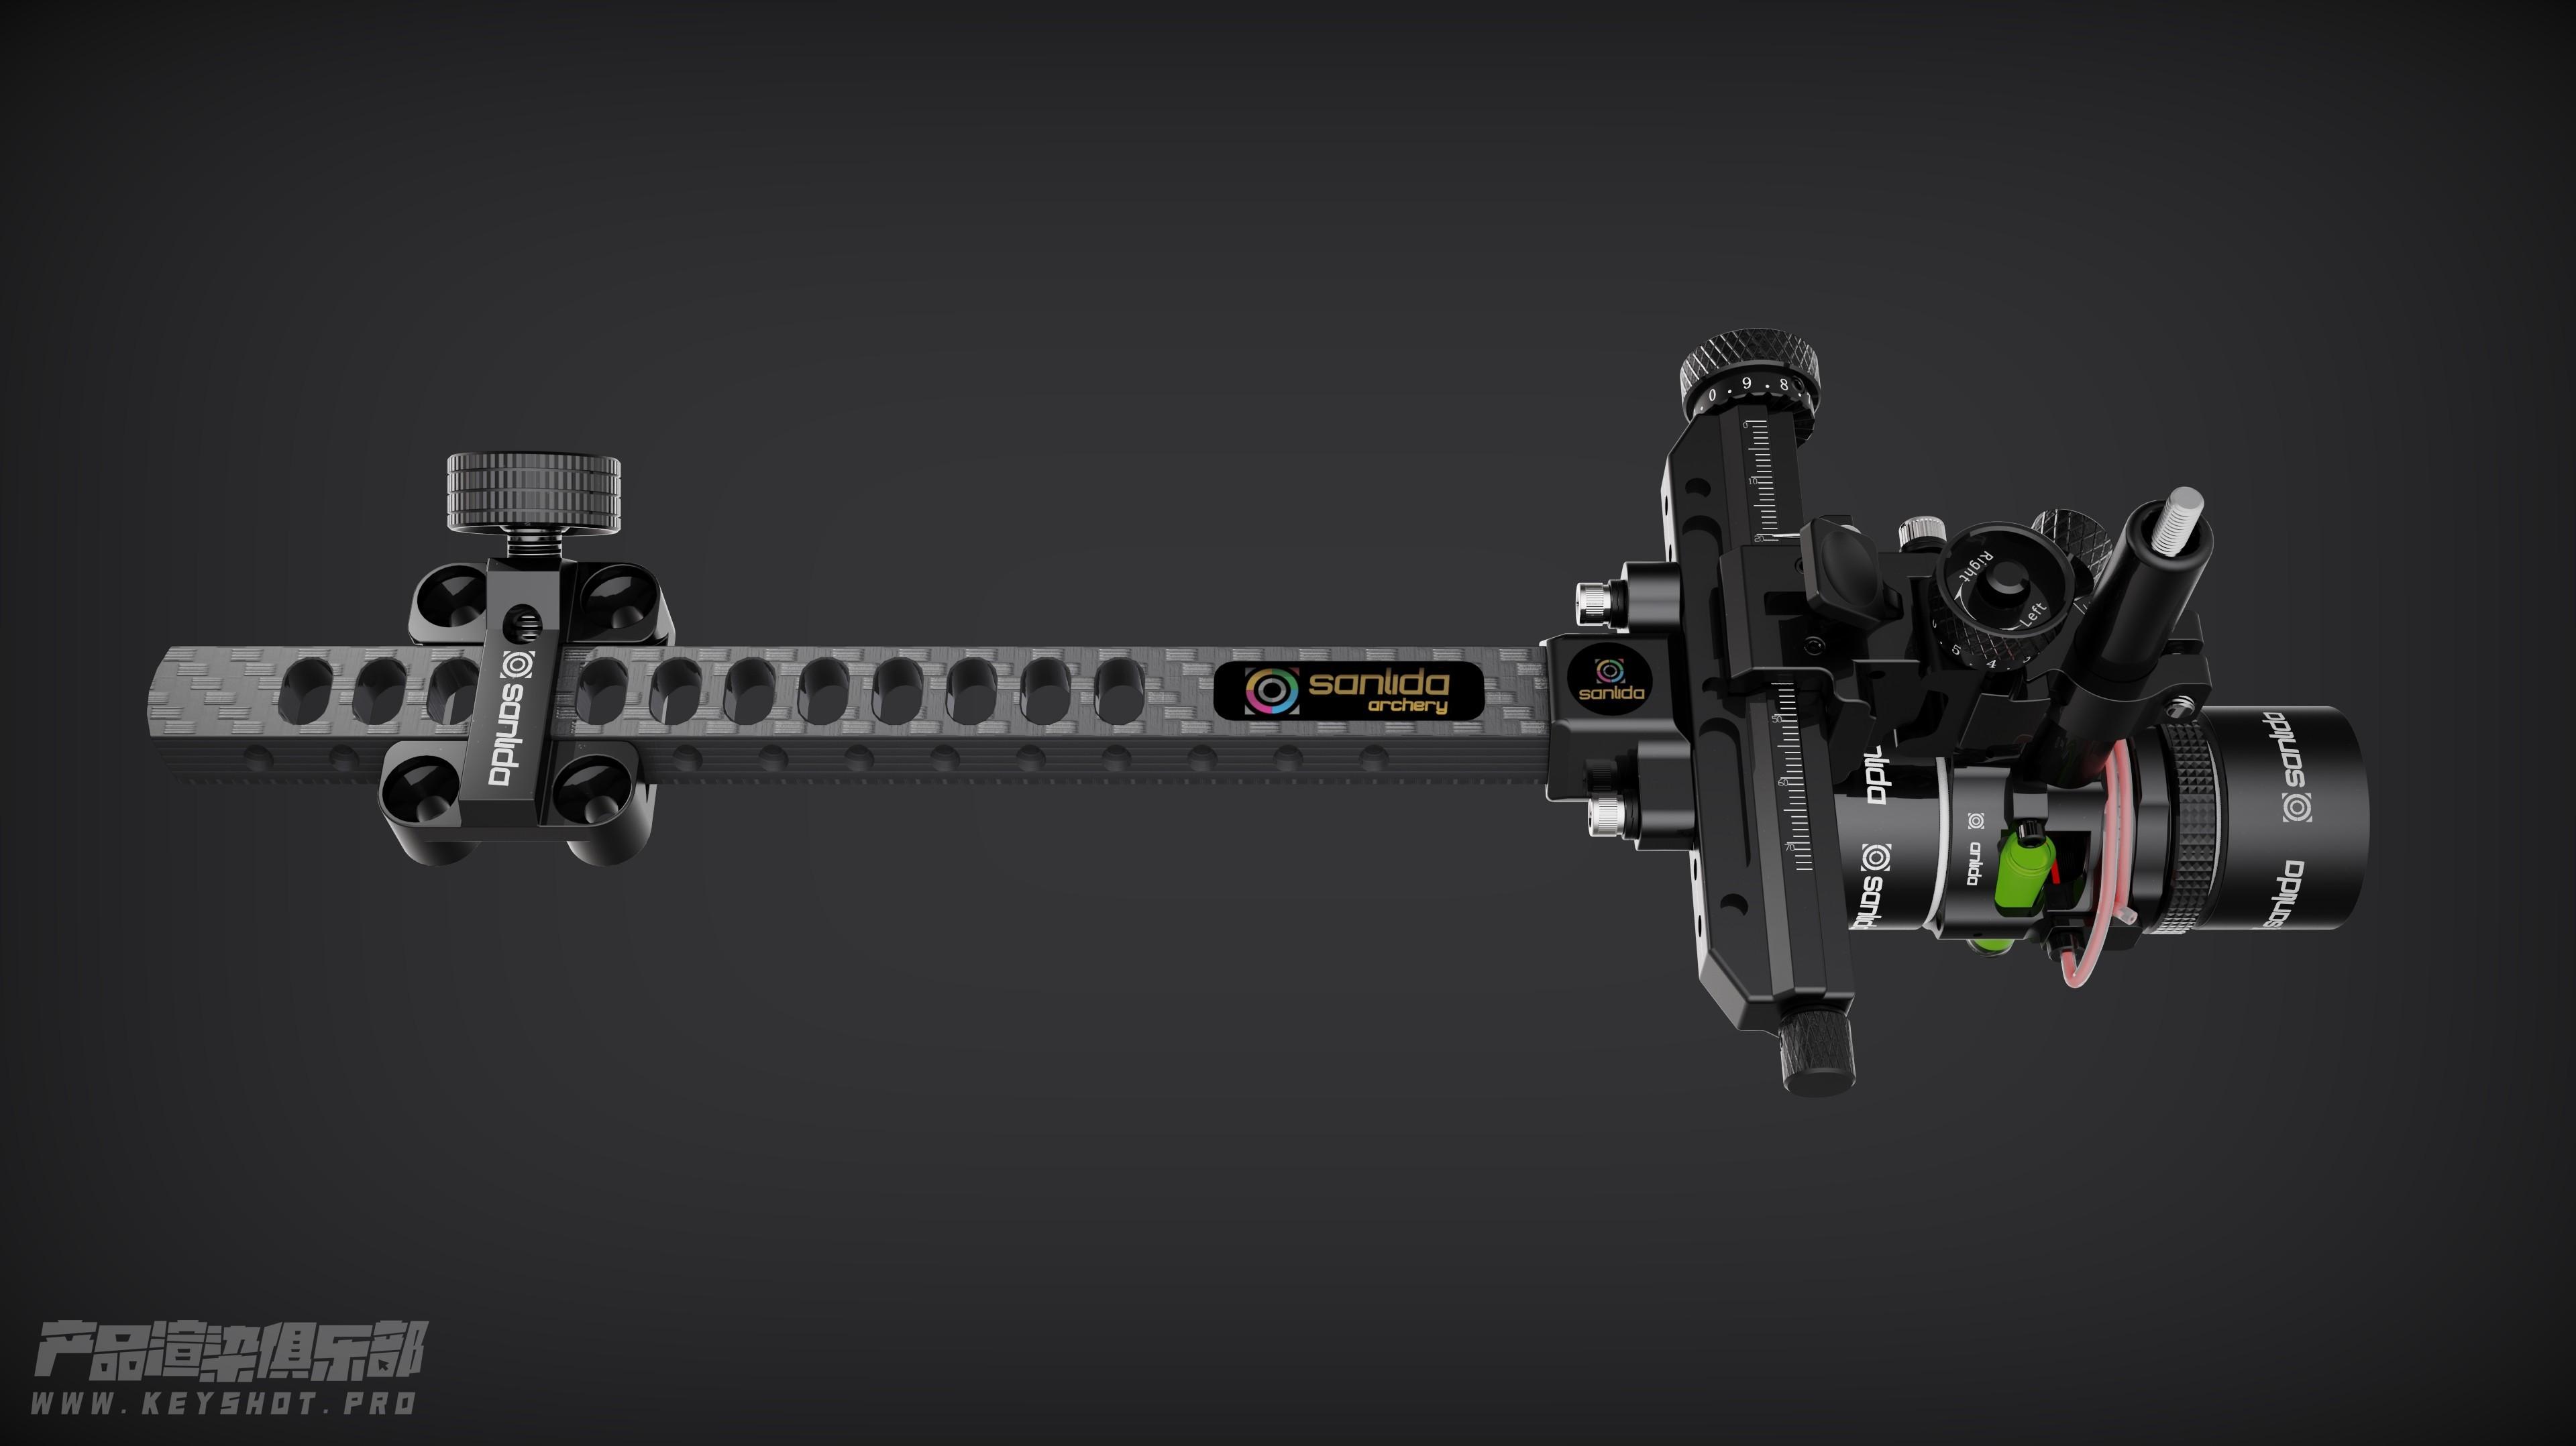 三利达弓箭产品 X10复合瞄准器渲染